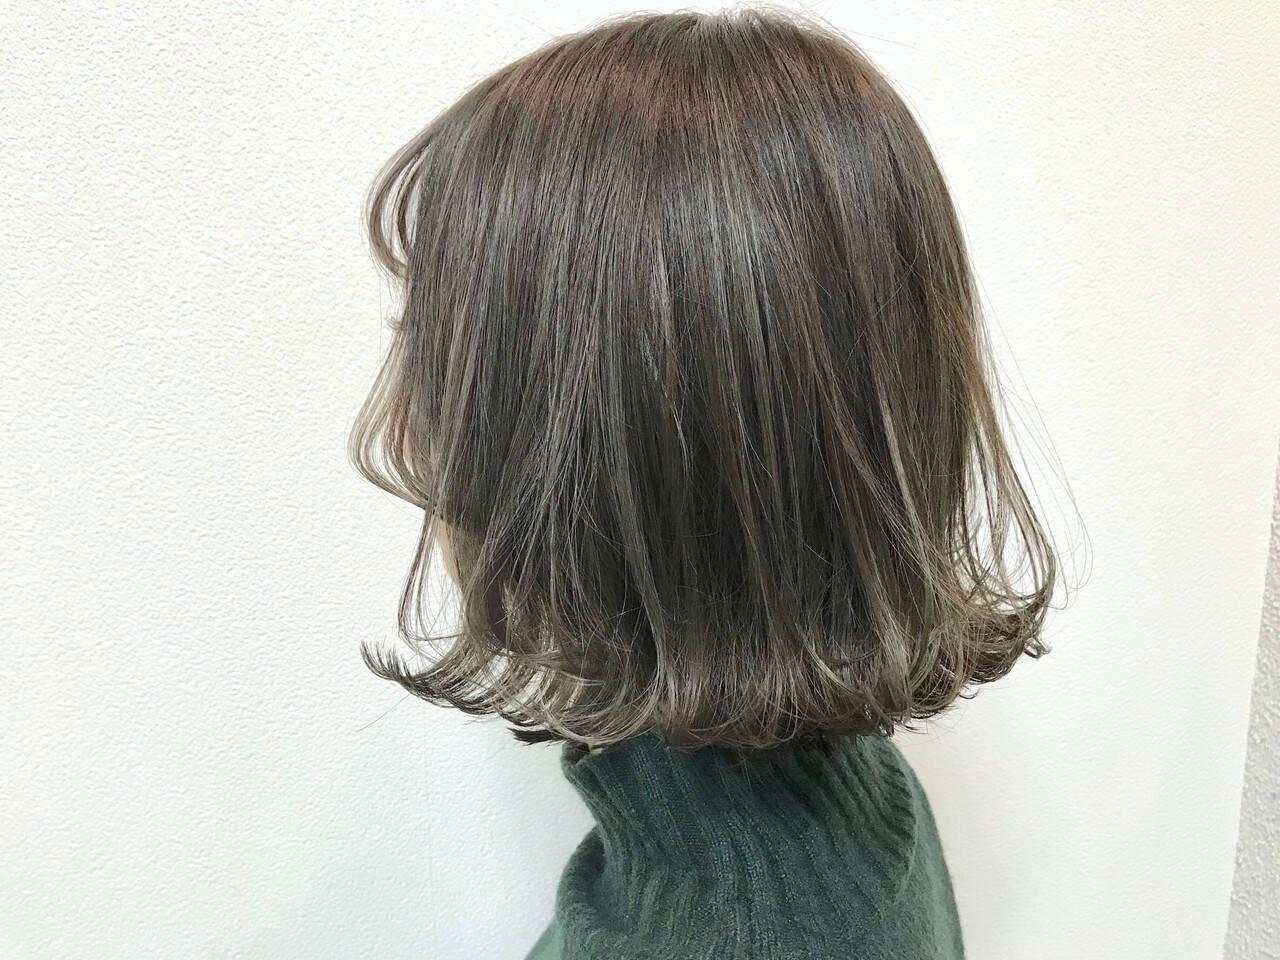 ボブ 透明感カラー アンニュイほつれヘア オリーブアッシュヘアスタイルや髪型の写真・画像